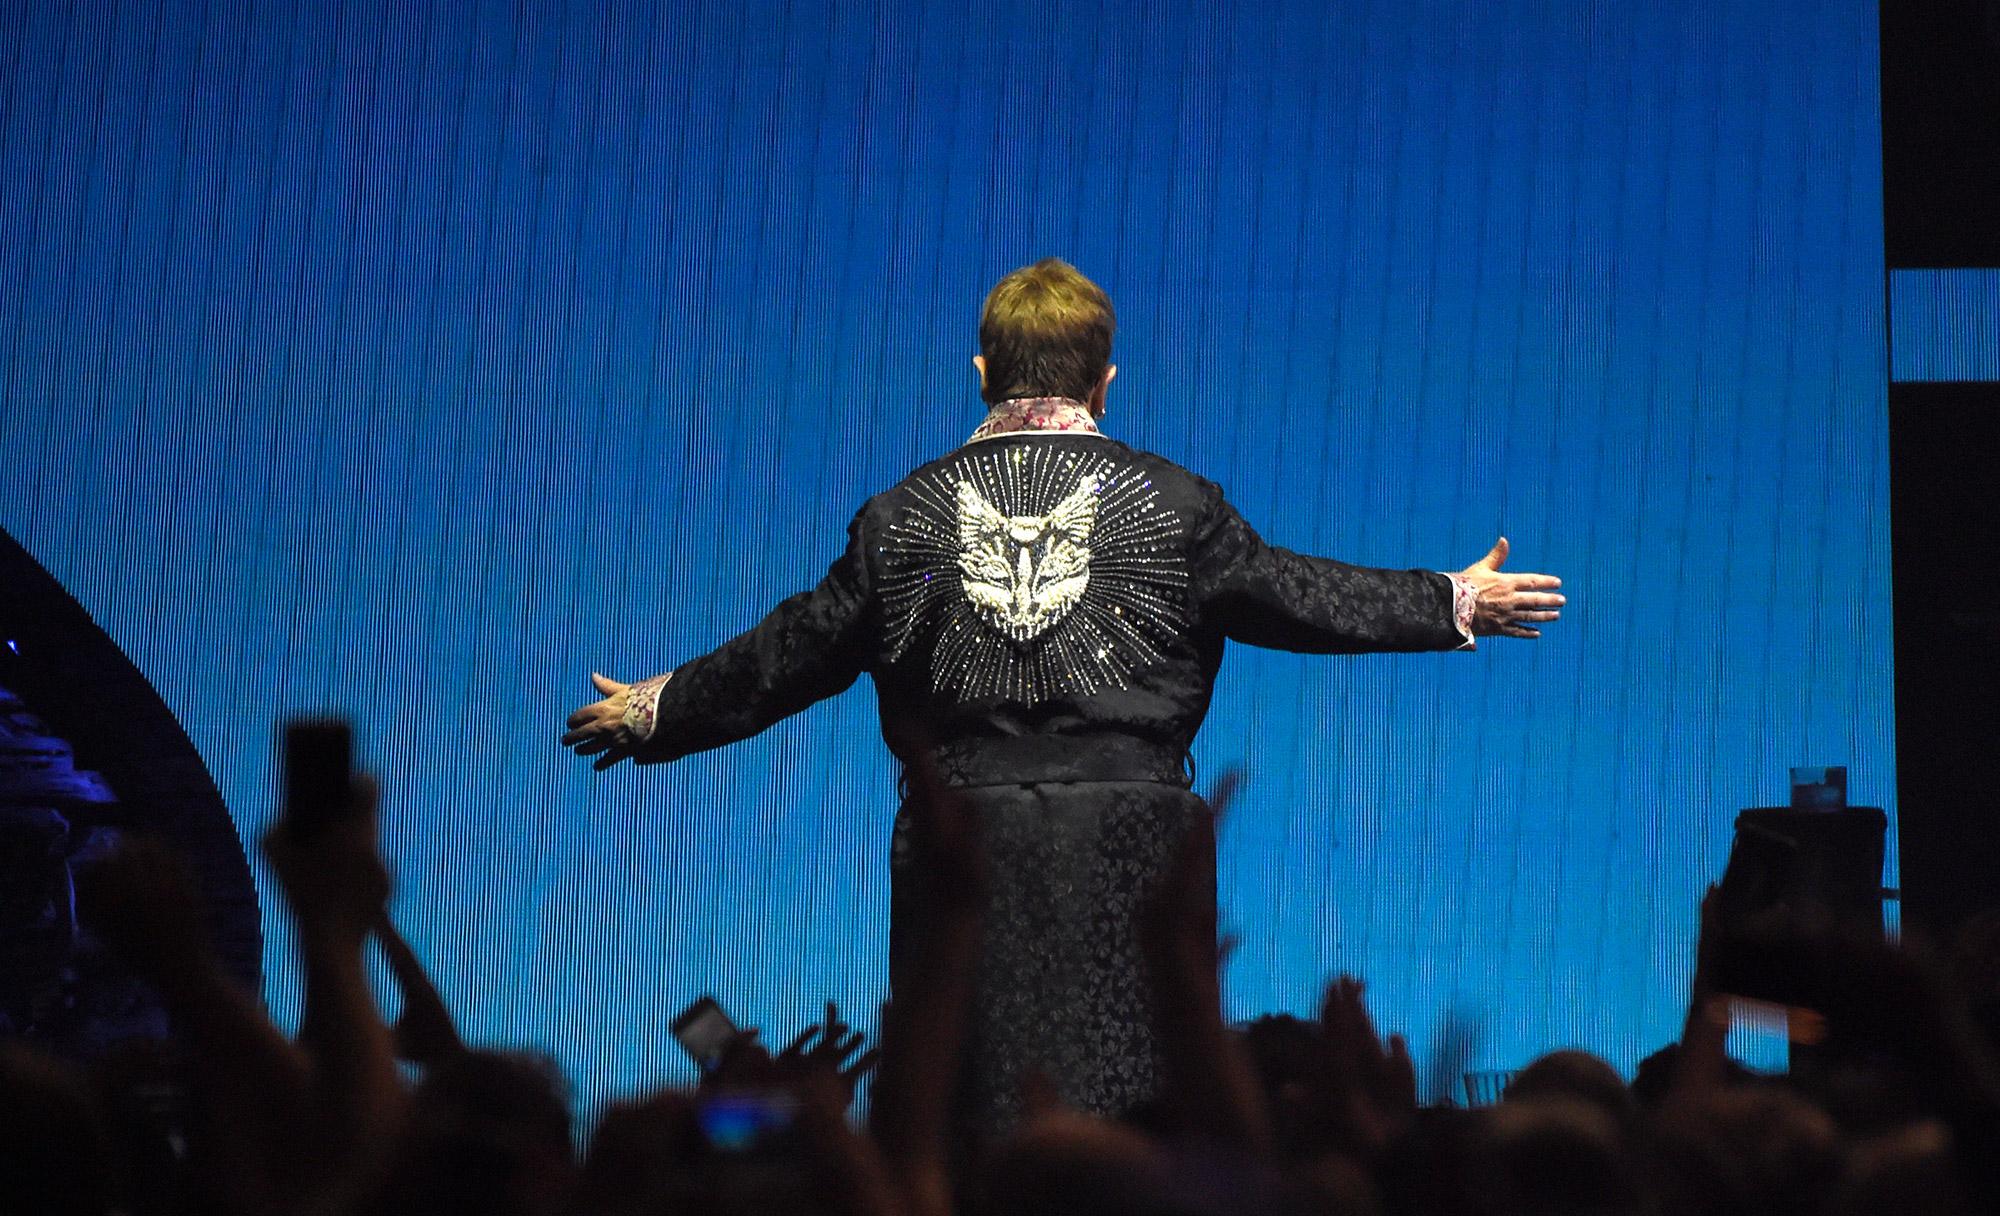 Elton John wears Gucci